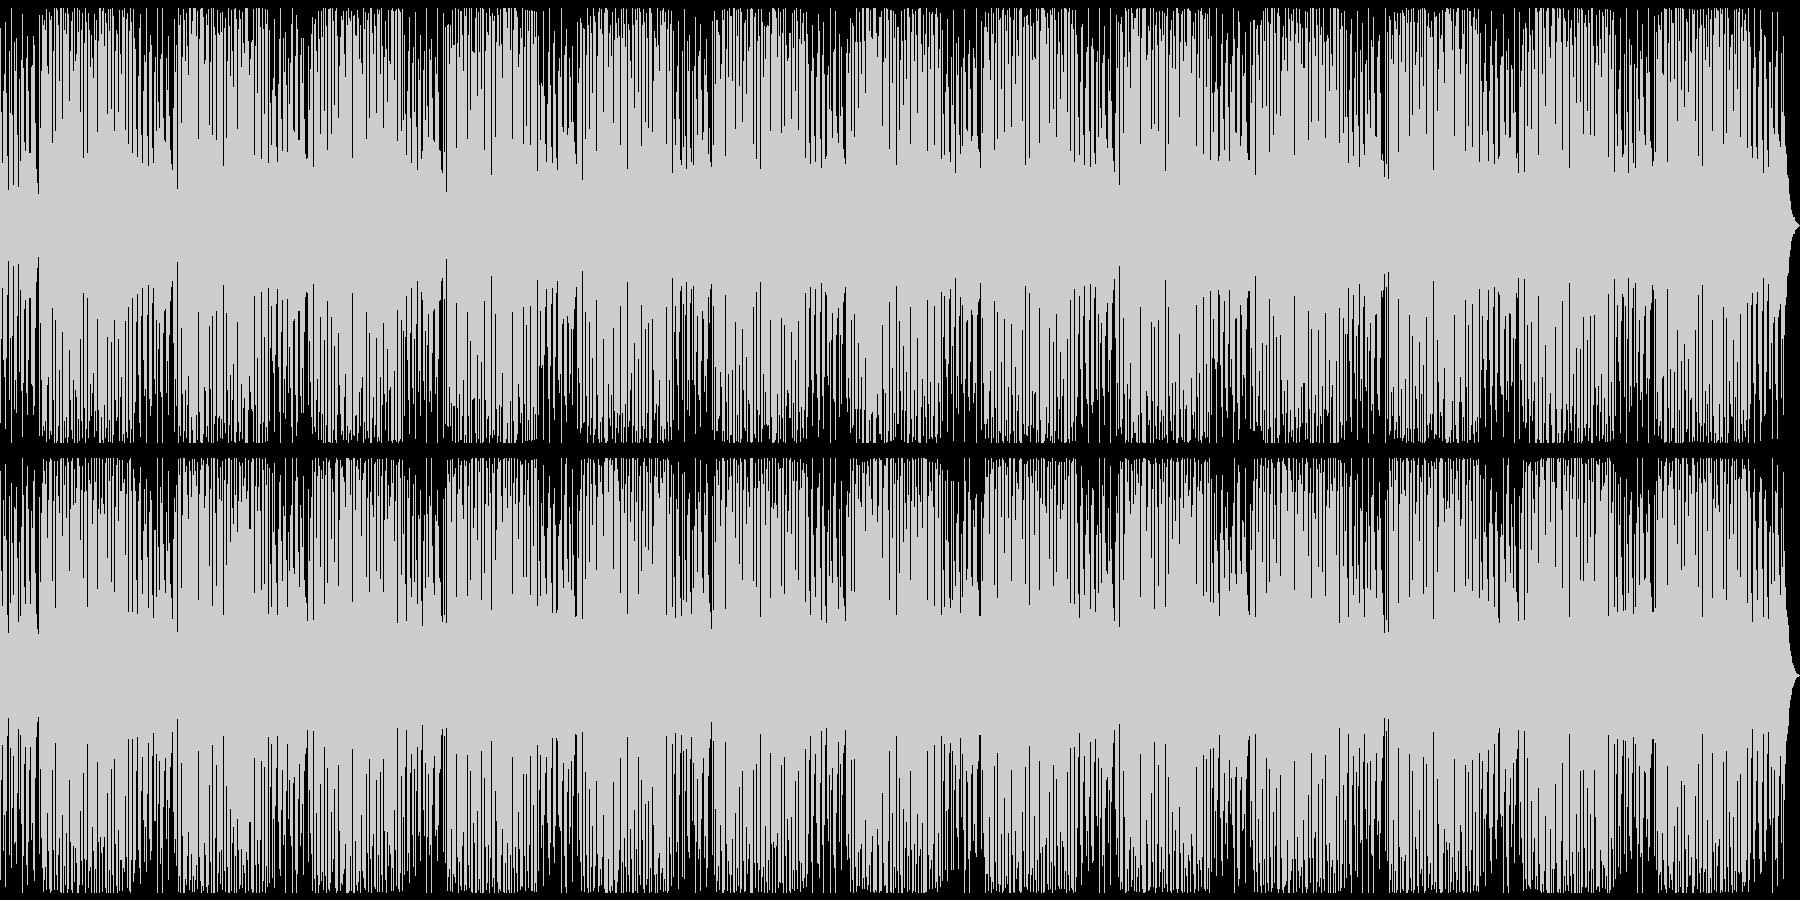 ローファイなチルアウトの未再生の波形